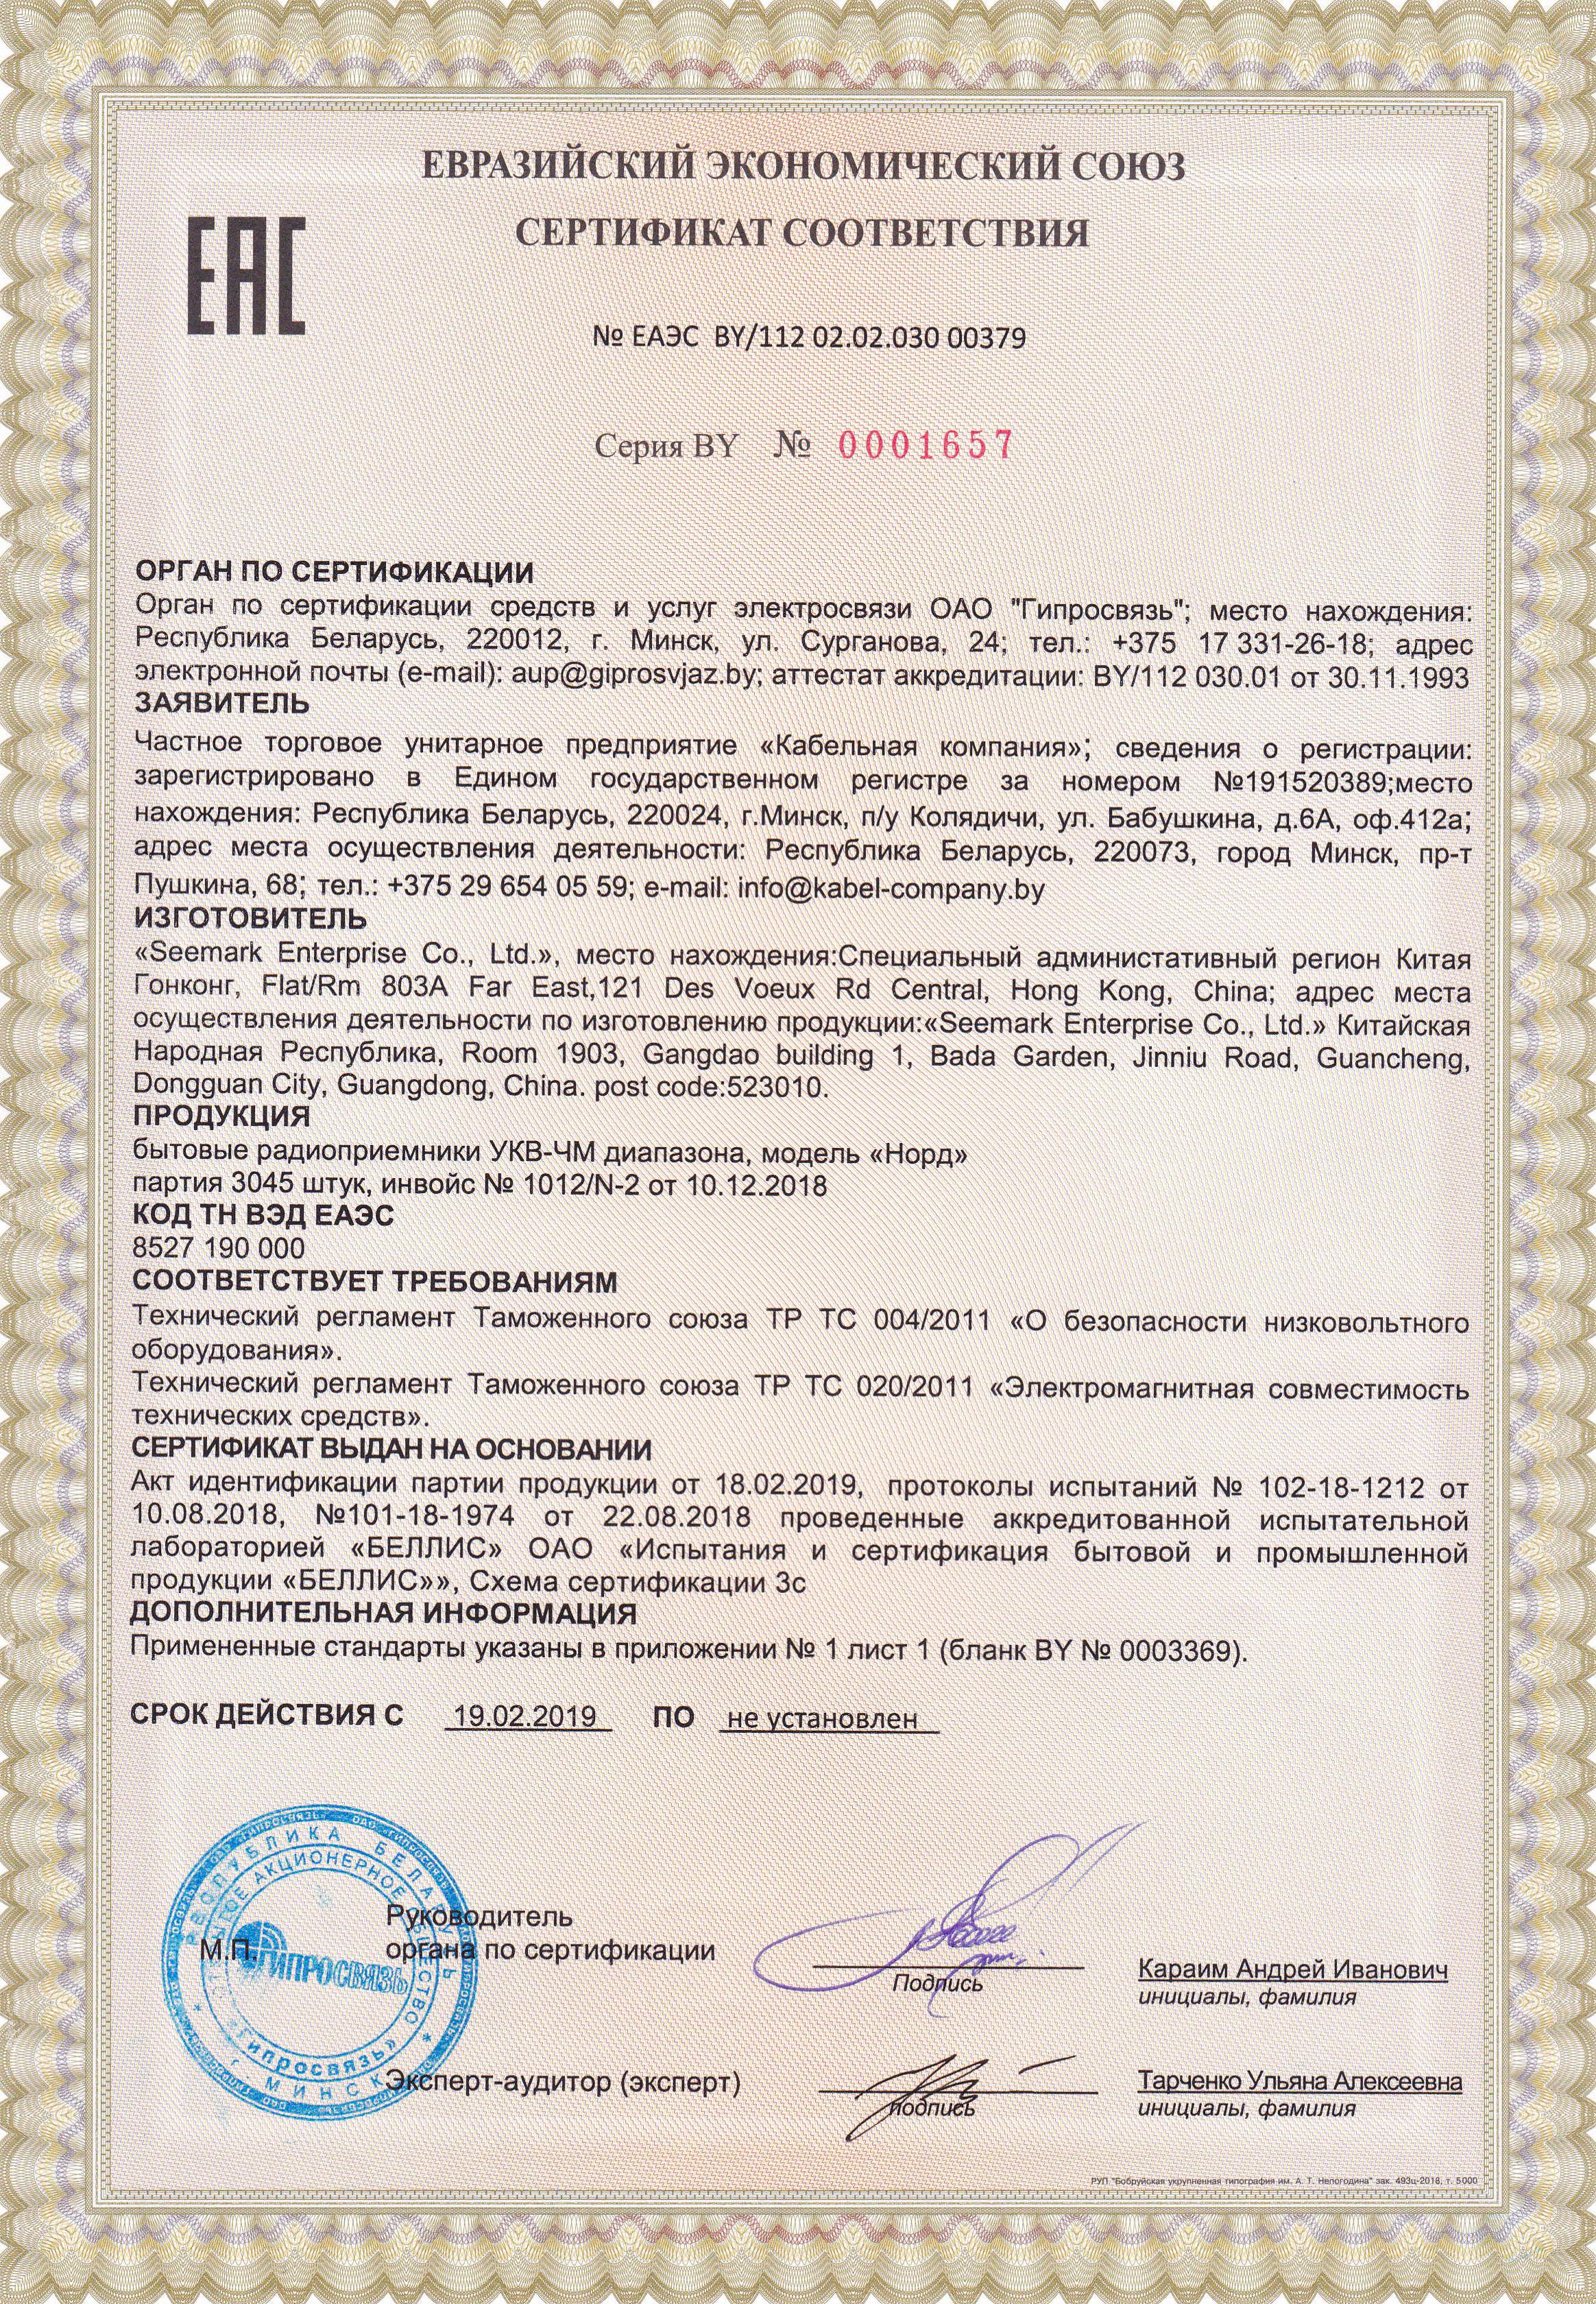 Приемник радиовещательный НОРД, сертификат РБ